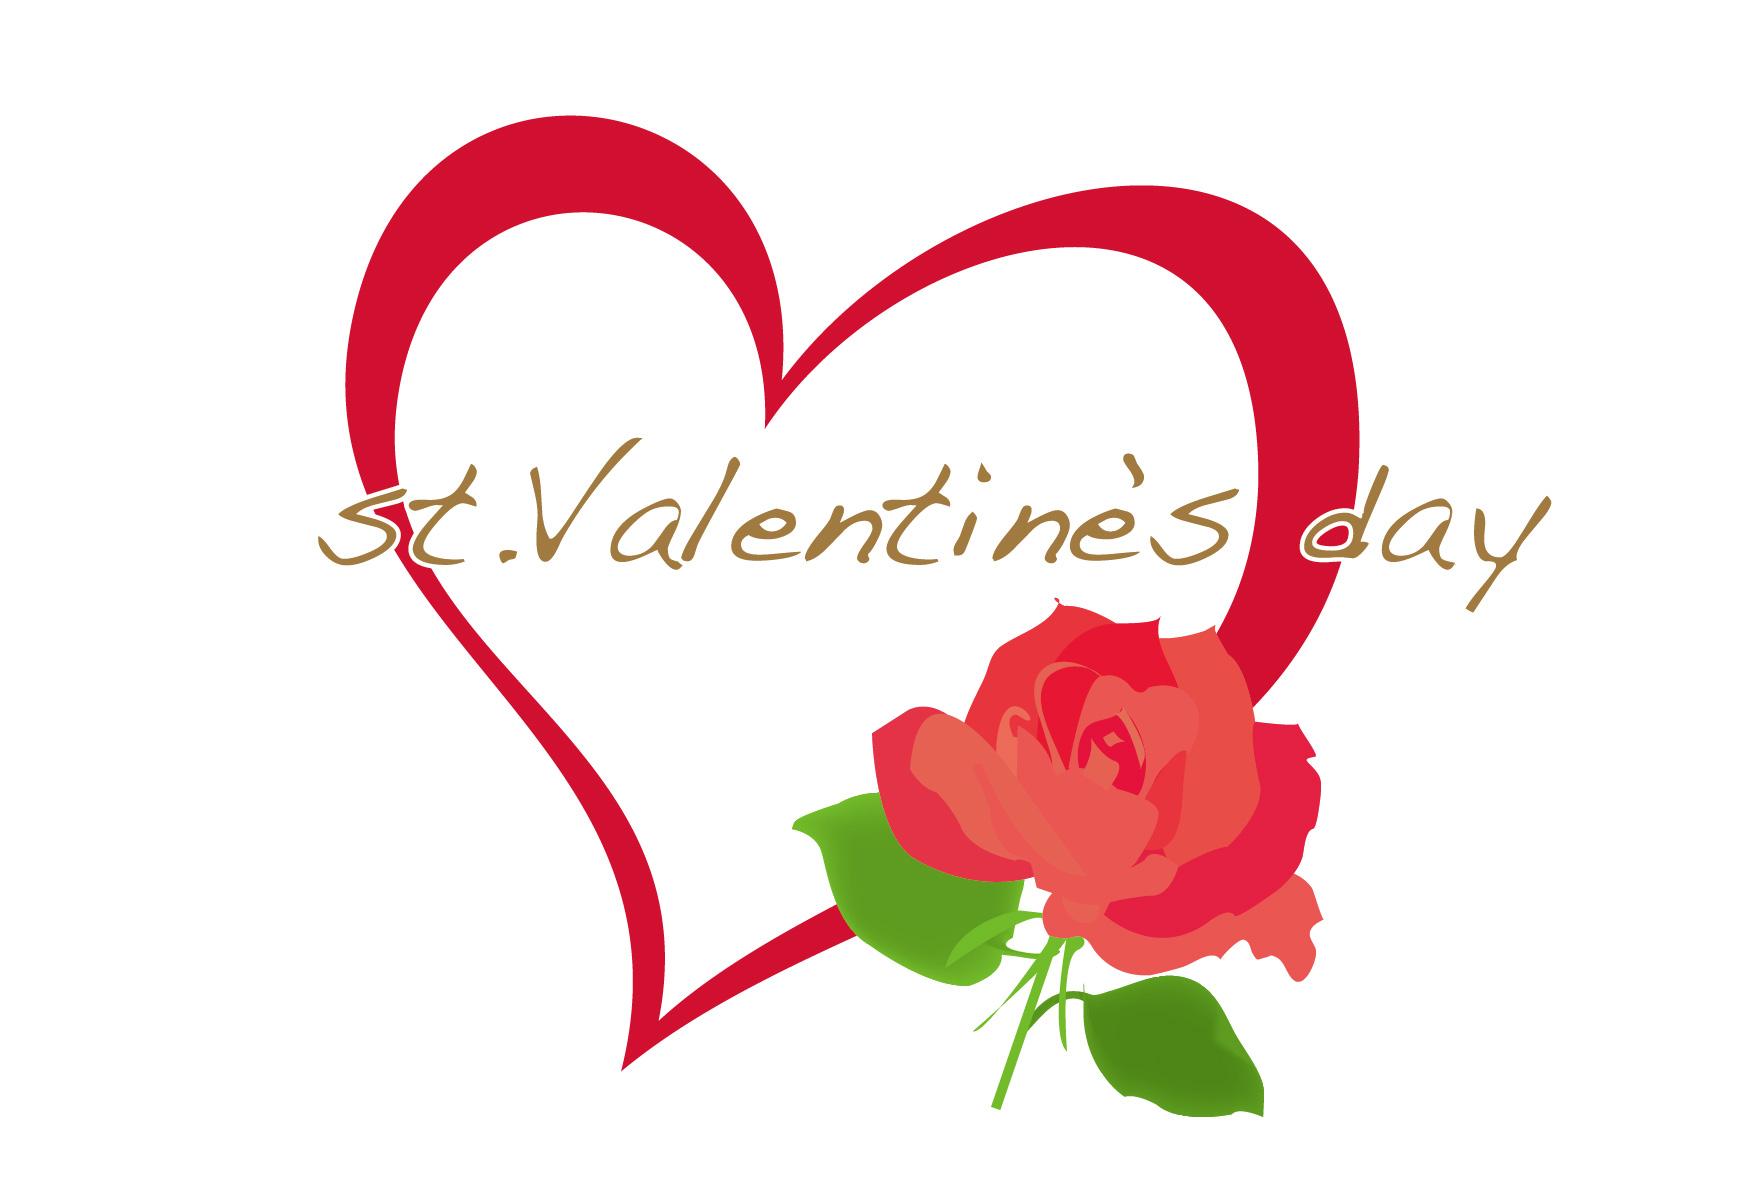 あげる もの 意味 バレンタイン